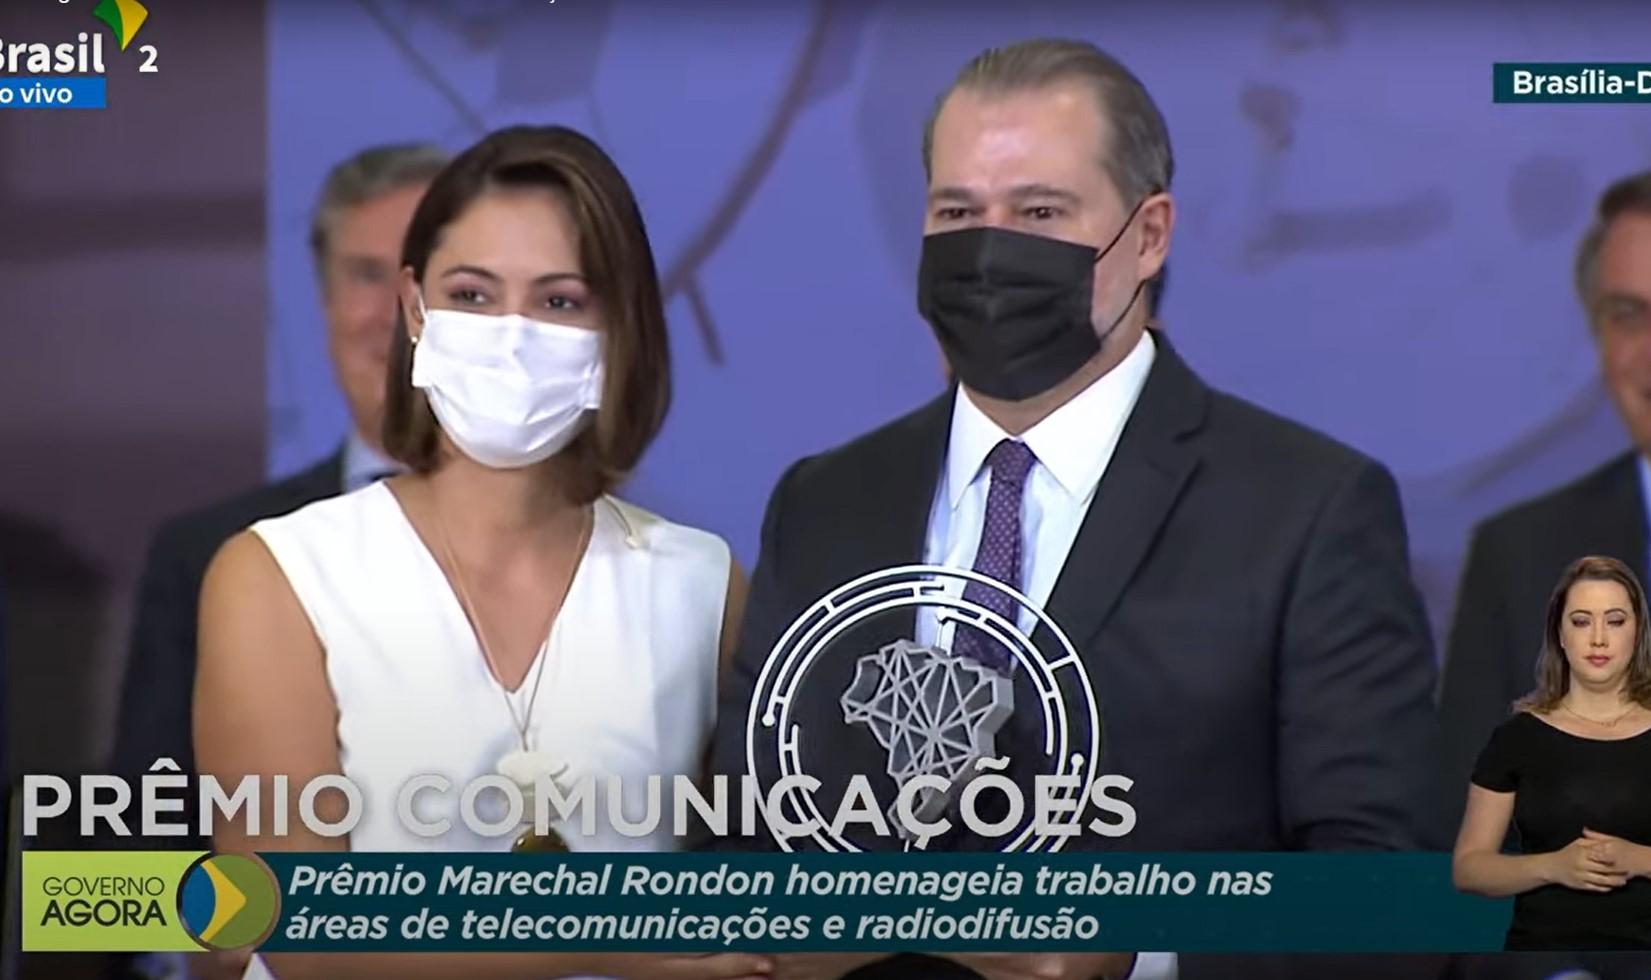 IMAGEM: Toffoli recebe prêmio de telecomunicações das mãos de Michelle